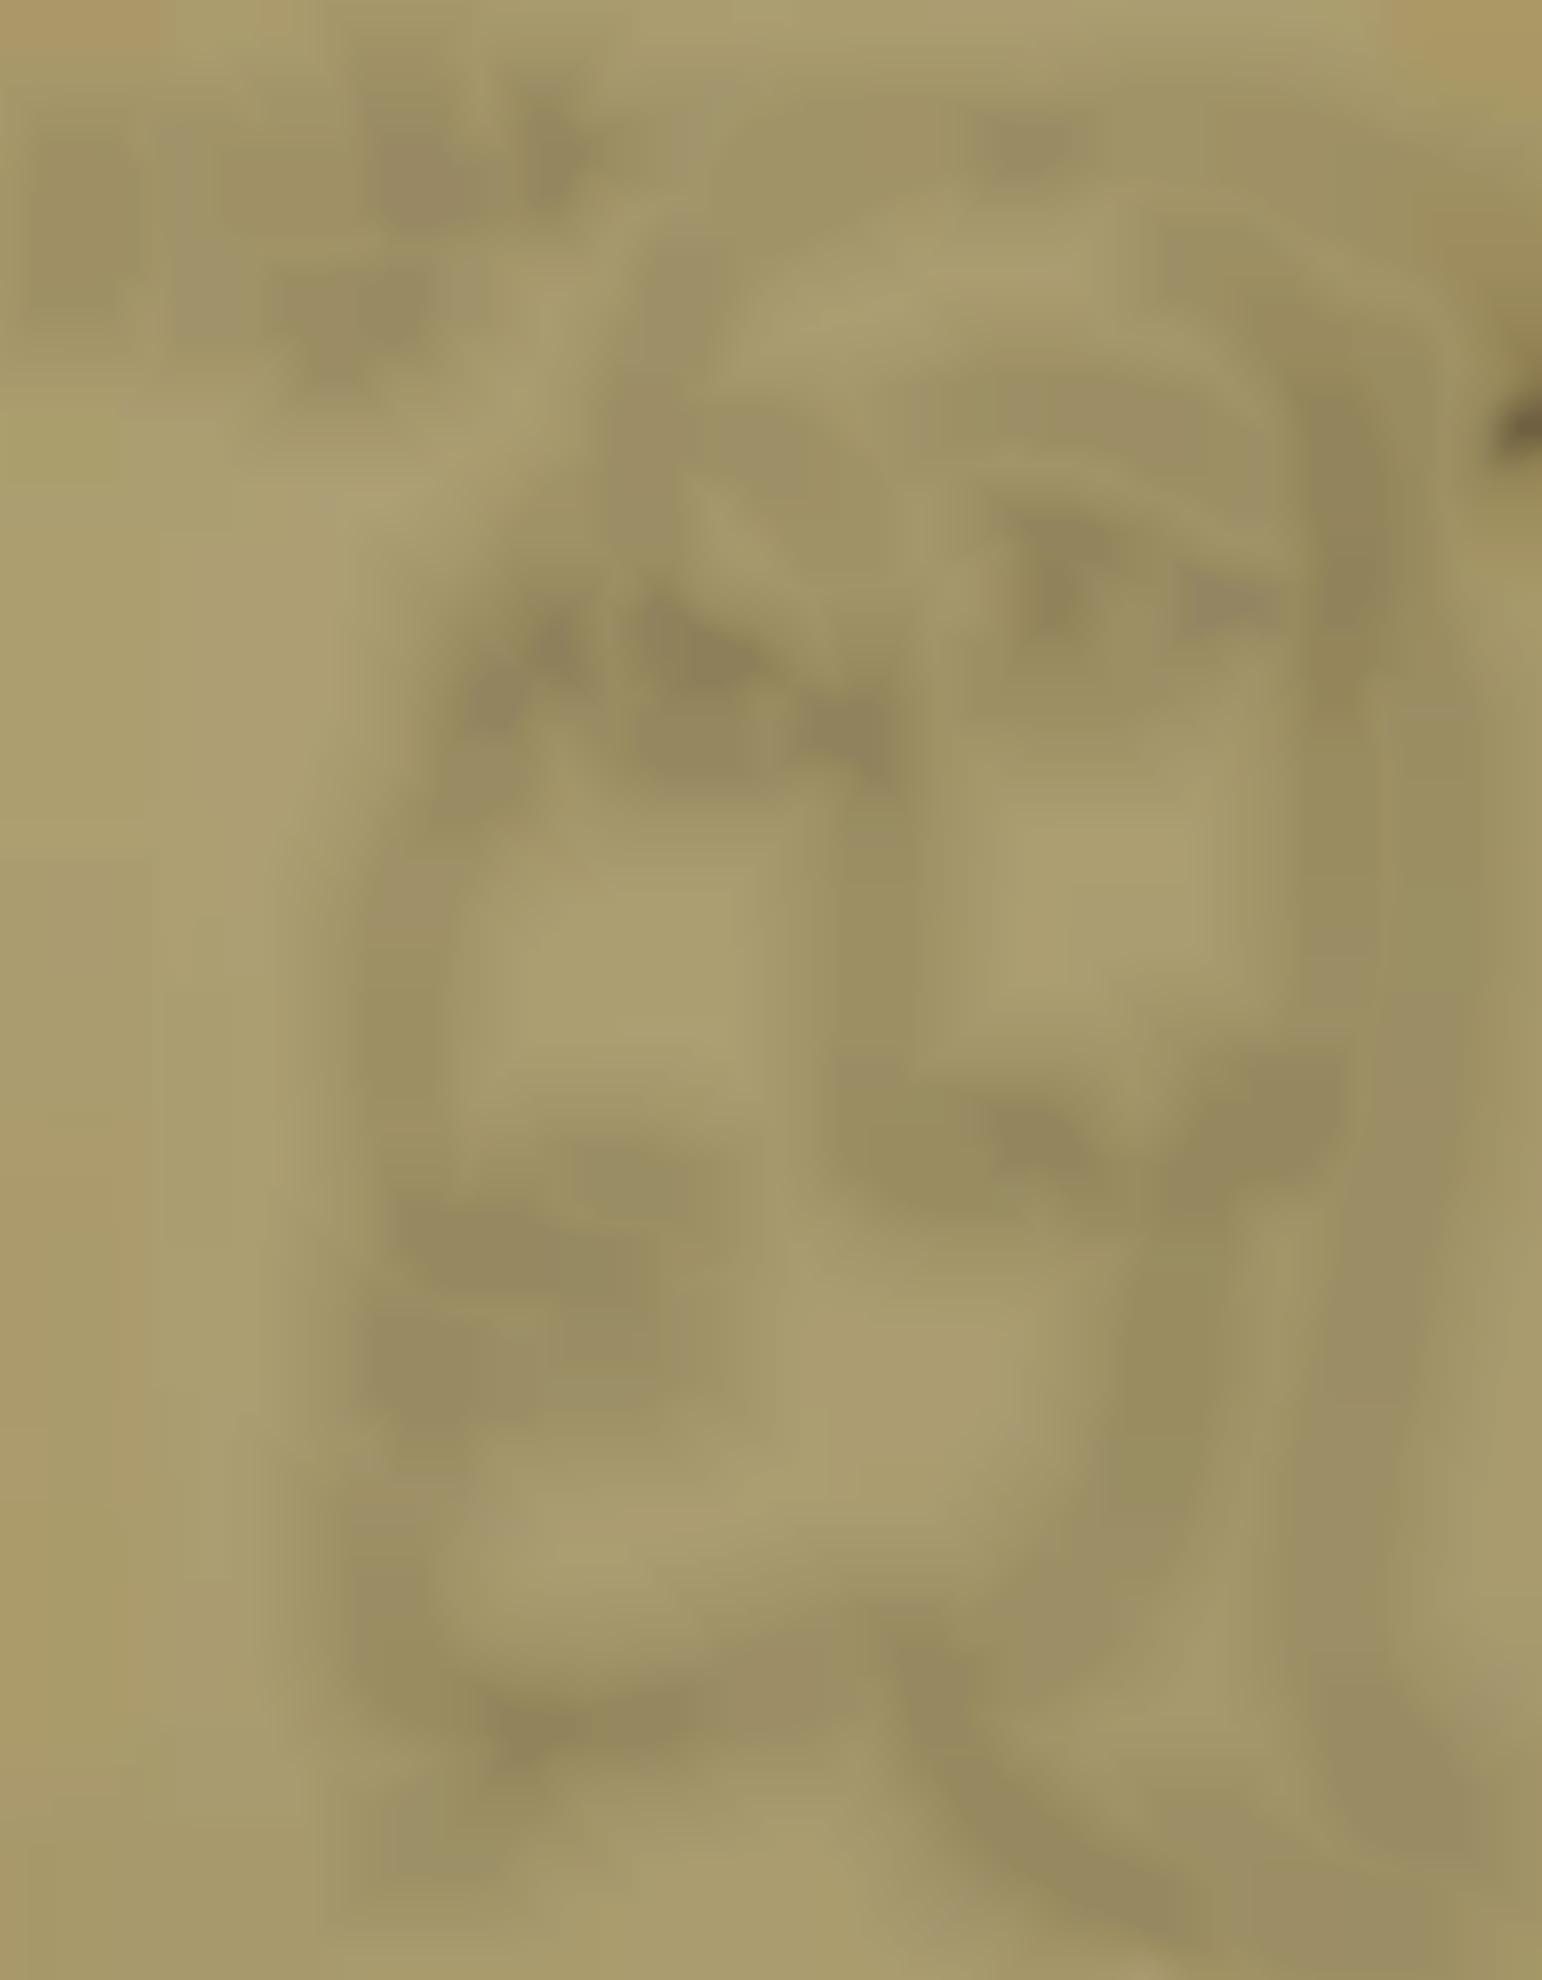 Pablo Picasso-Tete-1941